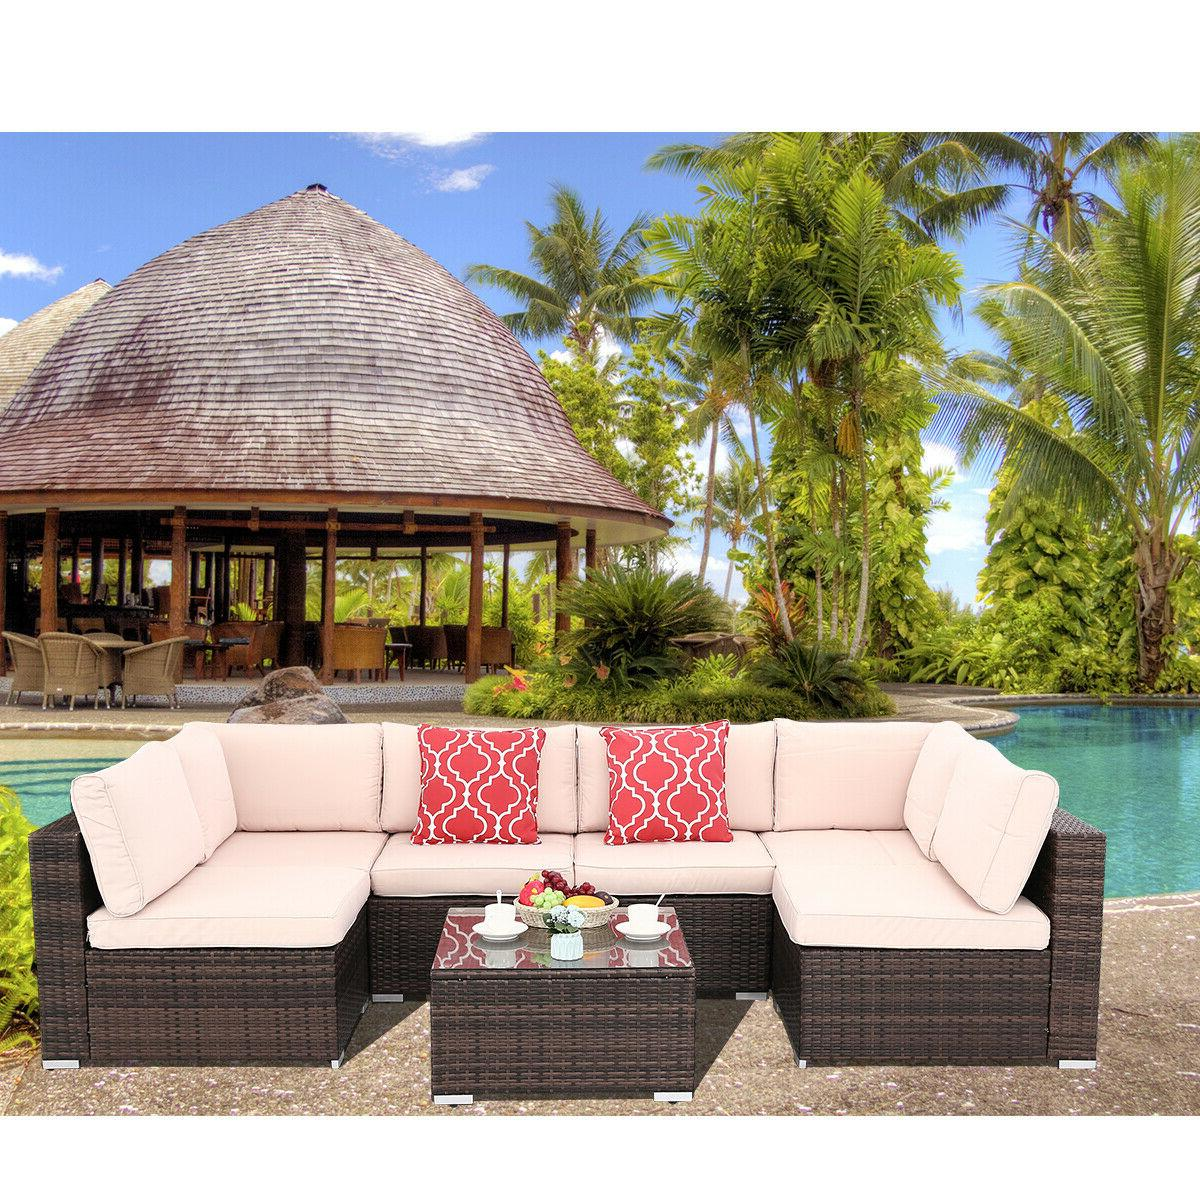 7pcs outdoor patio sofa set pe rattan